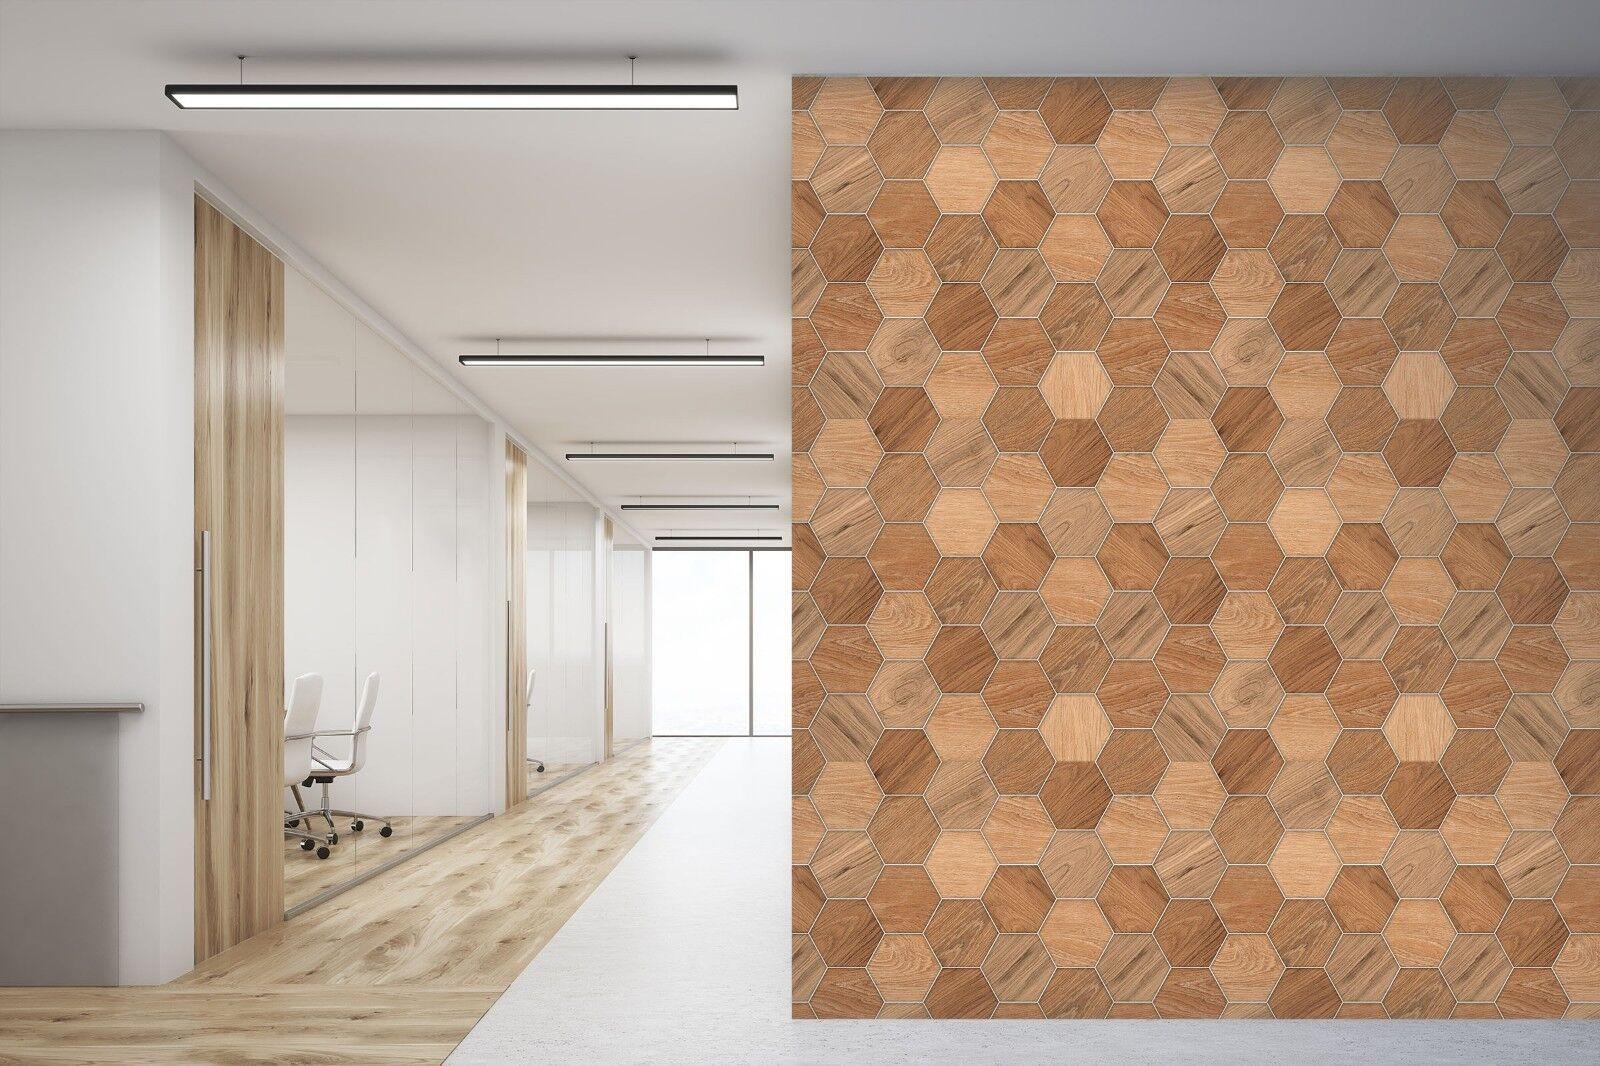 3D Hexagonal Board 673 Texture Tiles Marble Wall Paper Decal Wallpaper Mural